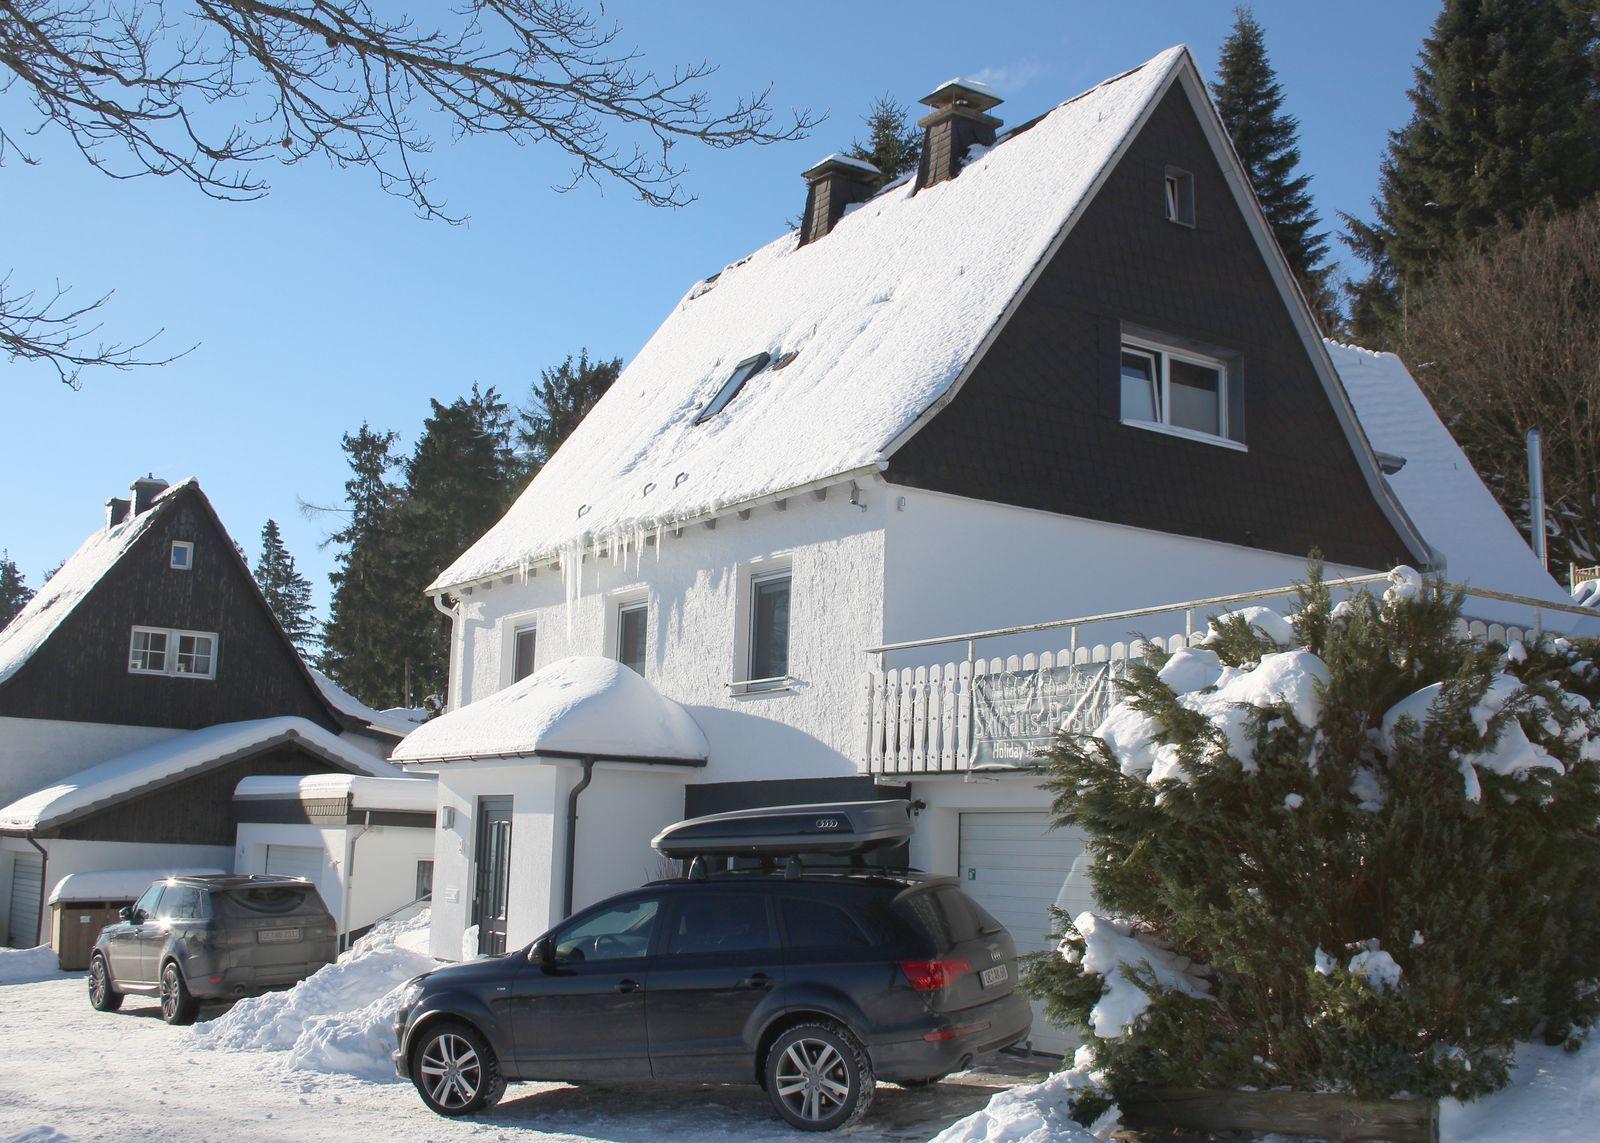 Ferienhaus - Astenweg  11 | Neuastenberg (Winterberg)